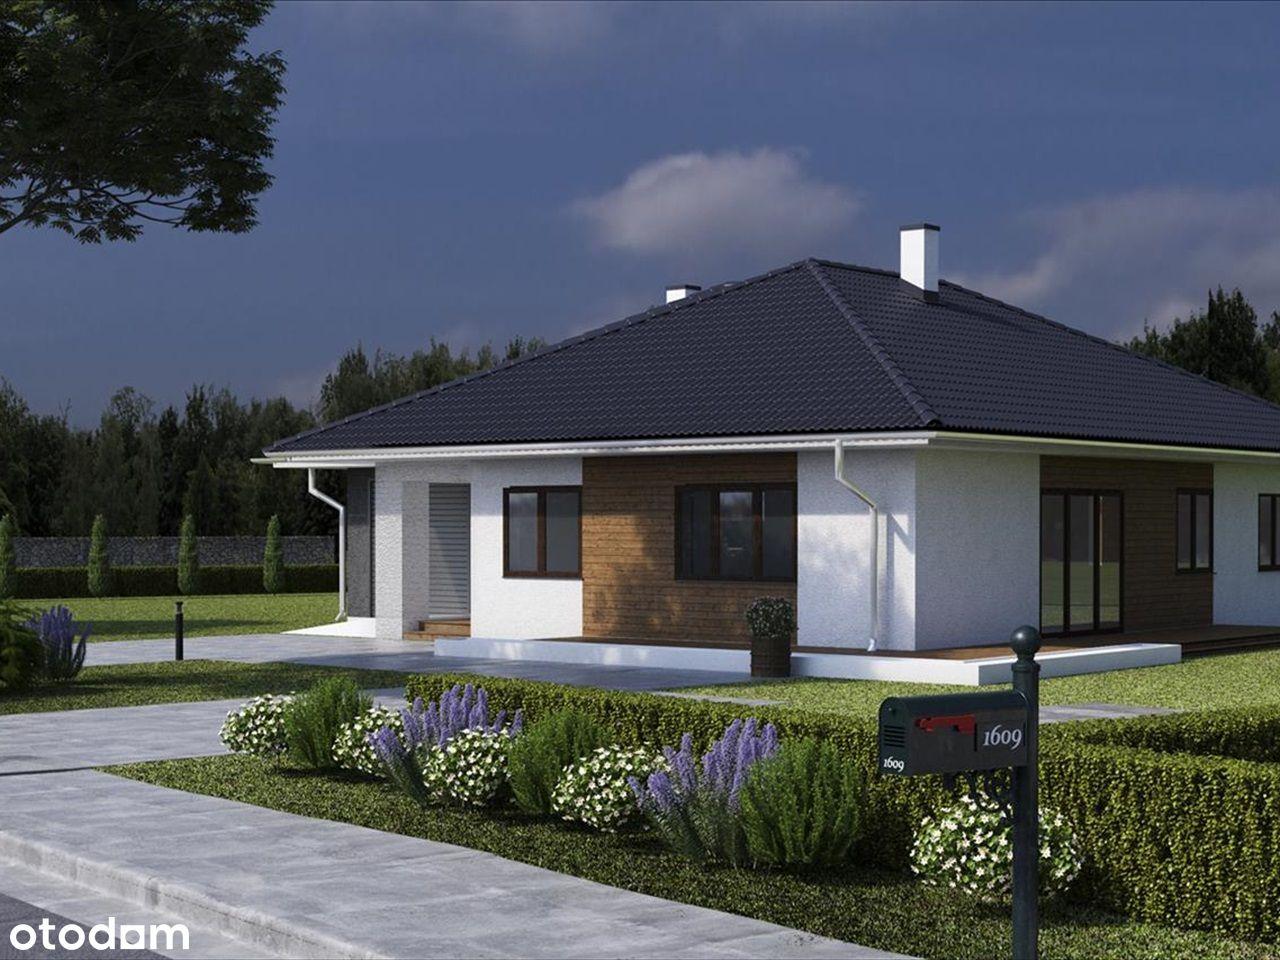 Nowoczesny dom w przepieknej okolicy lasów i łąk.